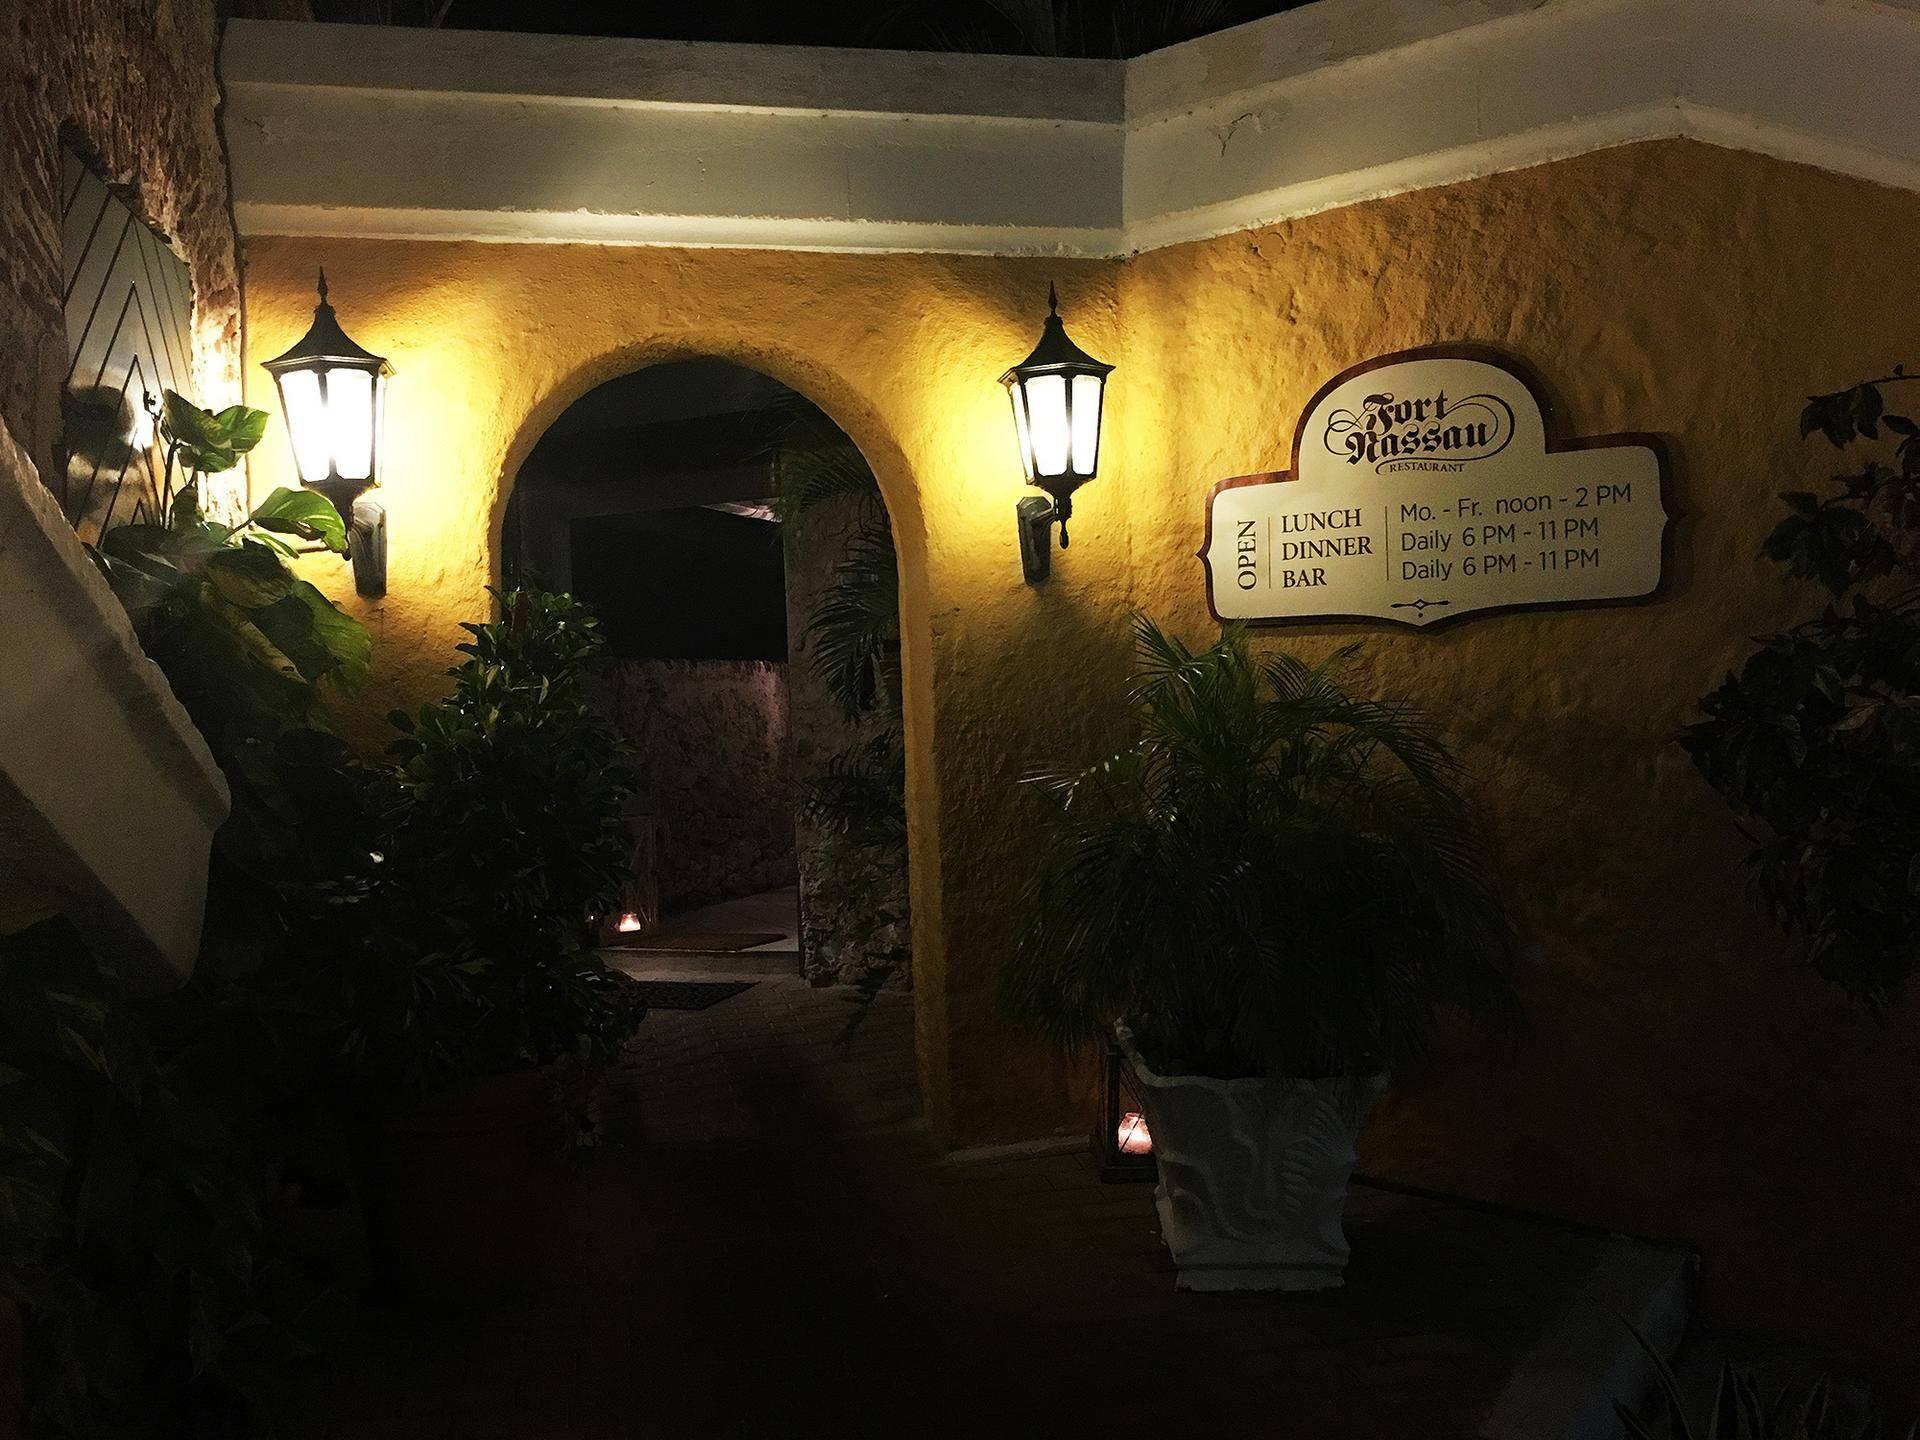 Entrada do restaurante Fort Nassau